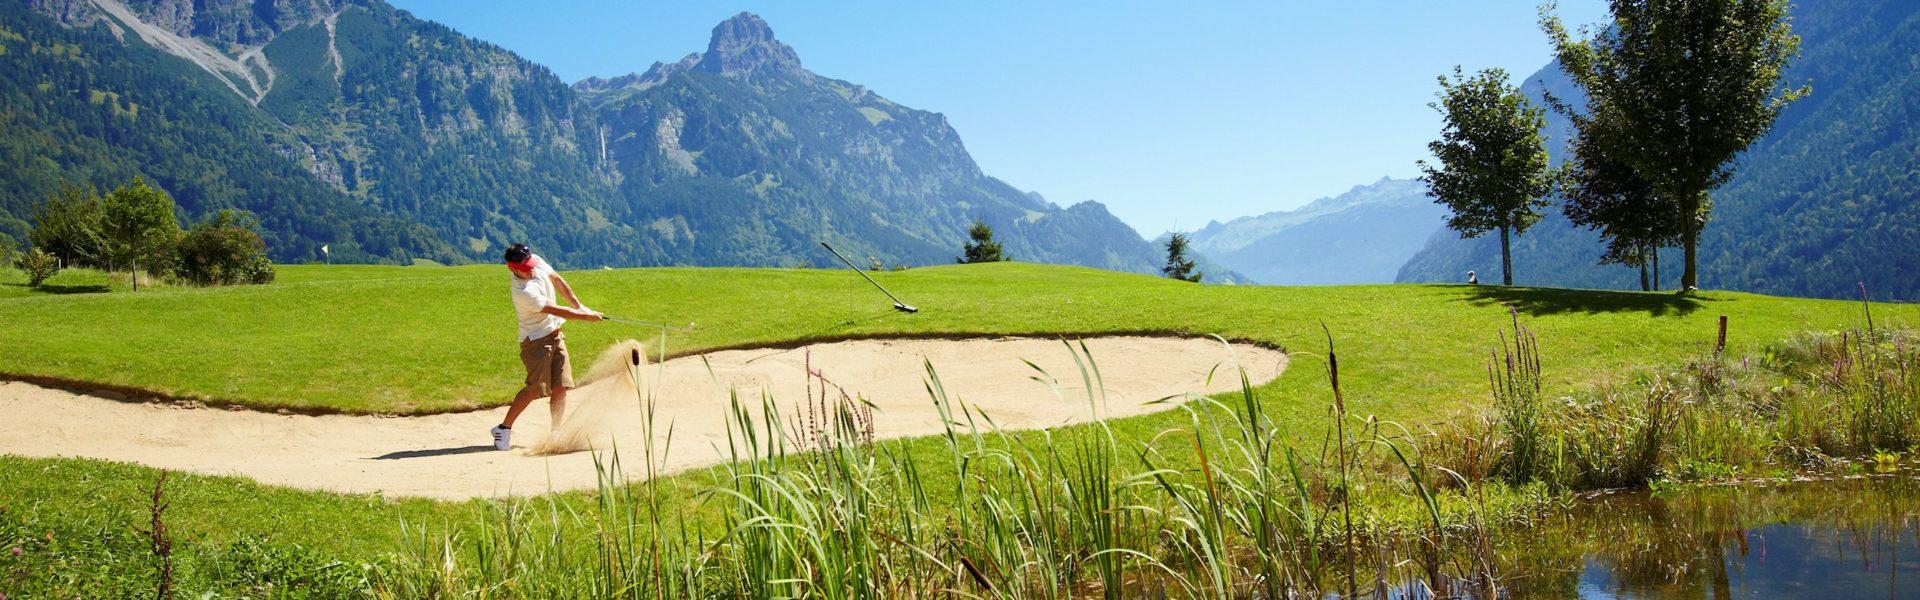 Golfplatz Bludenz Braz mit Roggelskopf (c) Joachim Stretz / Alpenregion Bludenz Tourismus GmbH